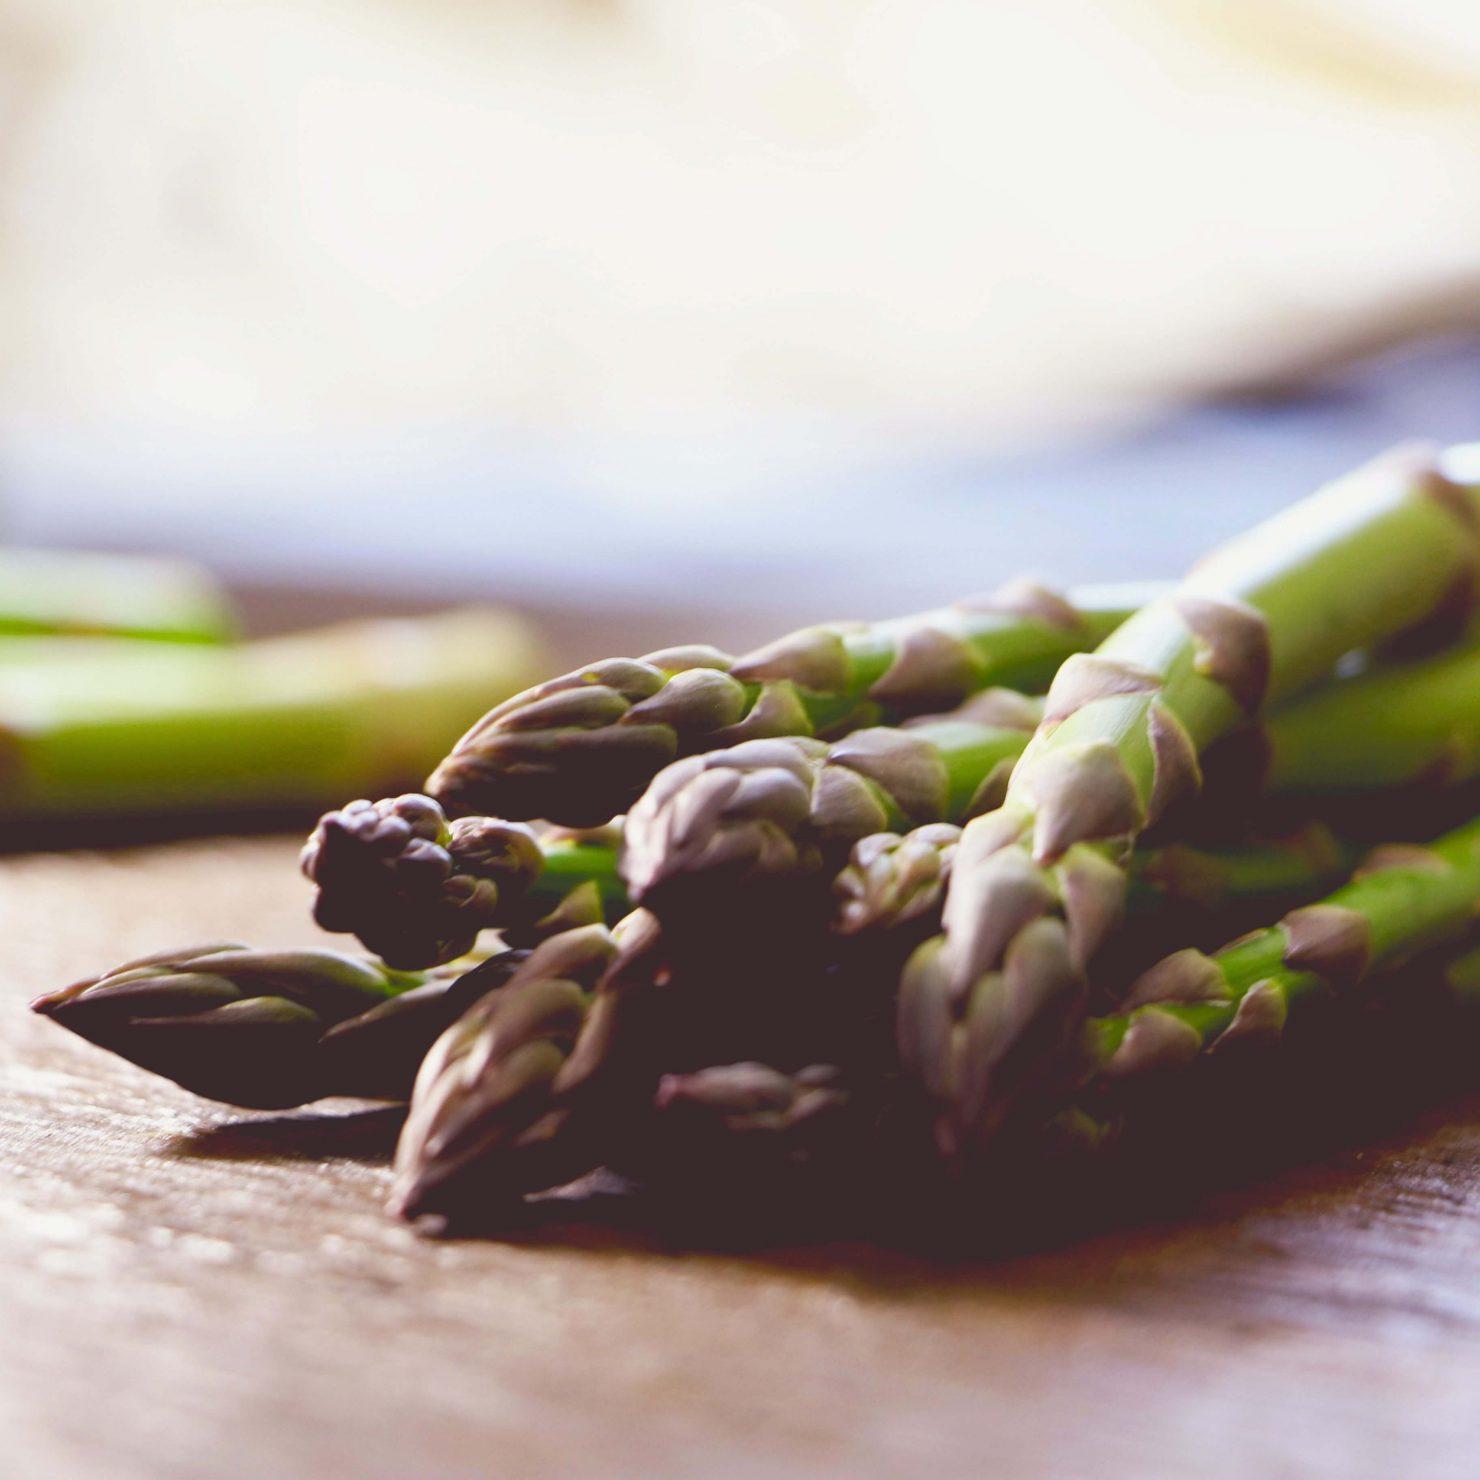 アスパラ栽培の基礎知識と育て方